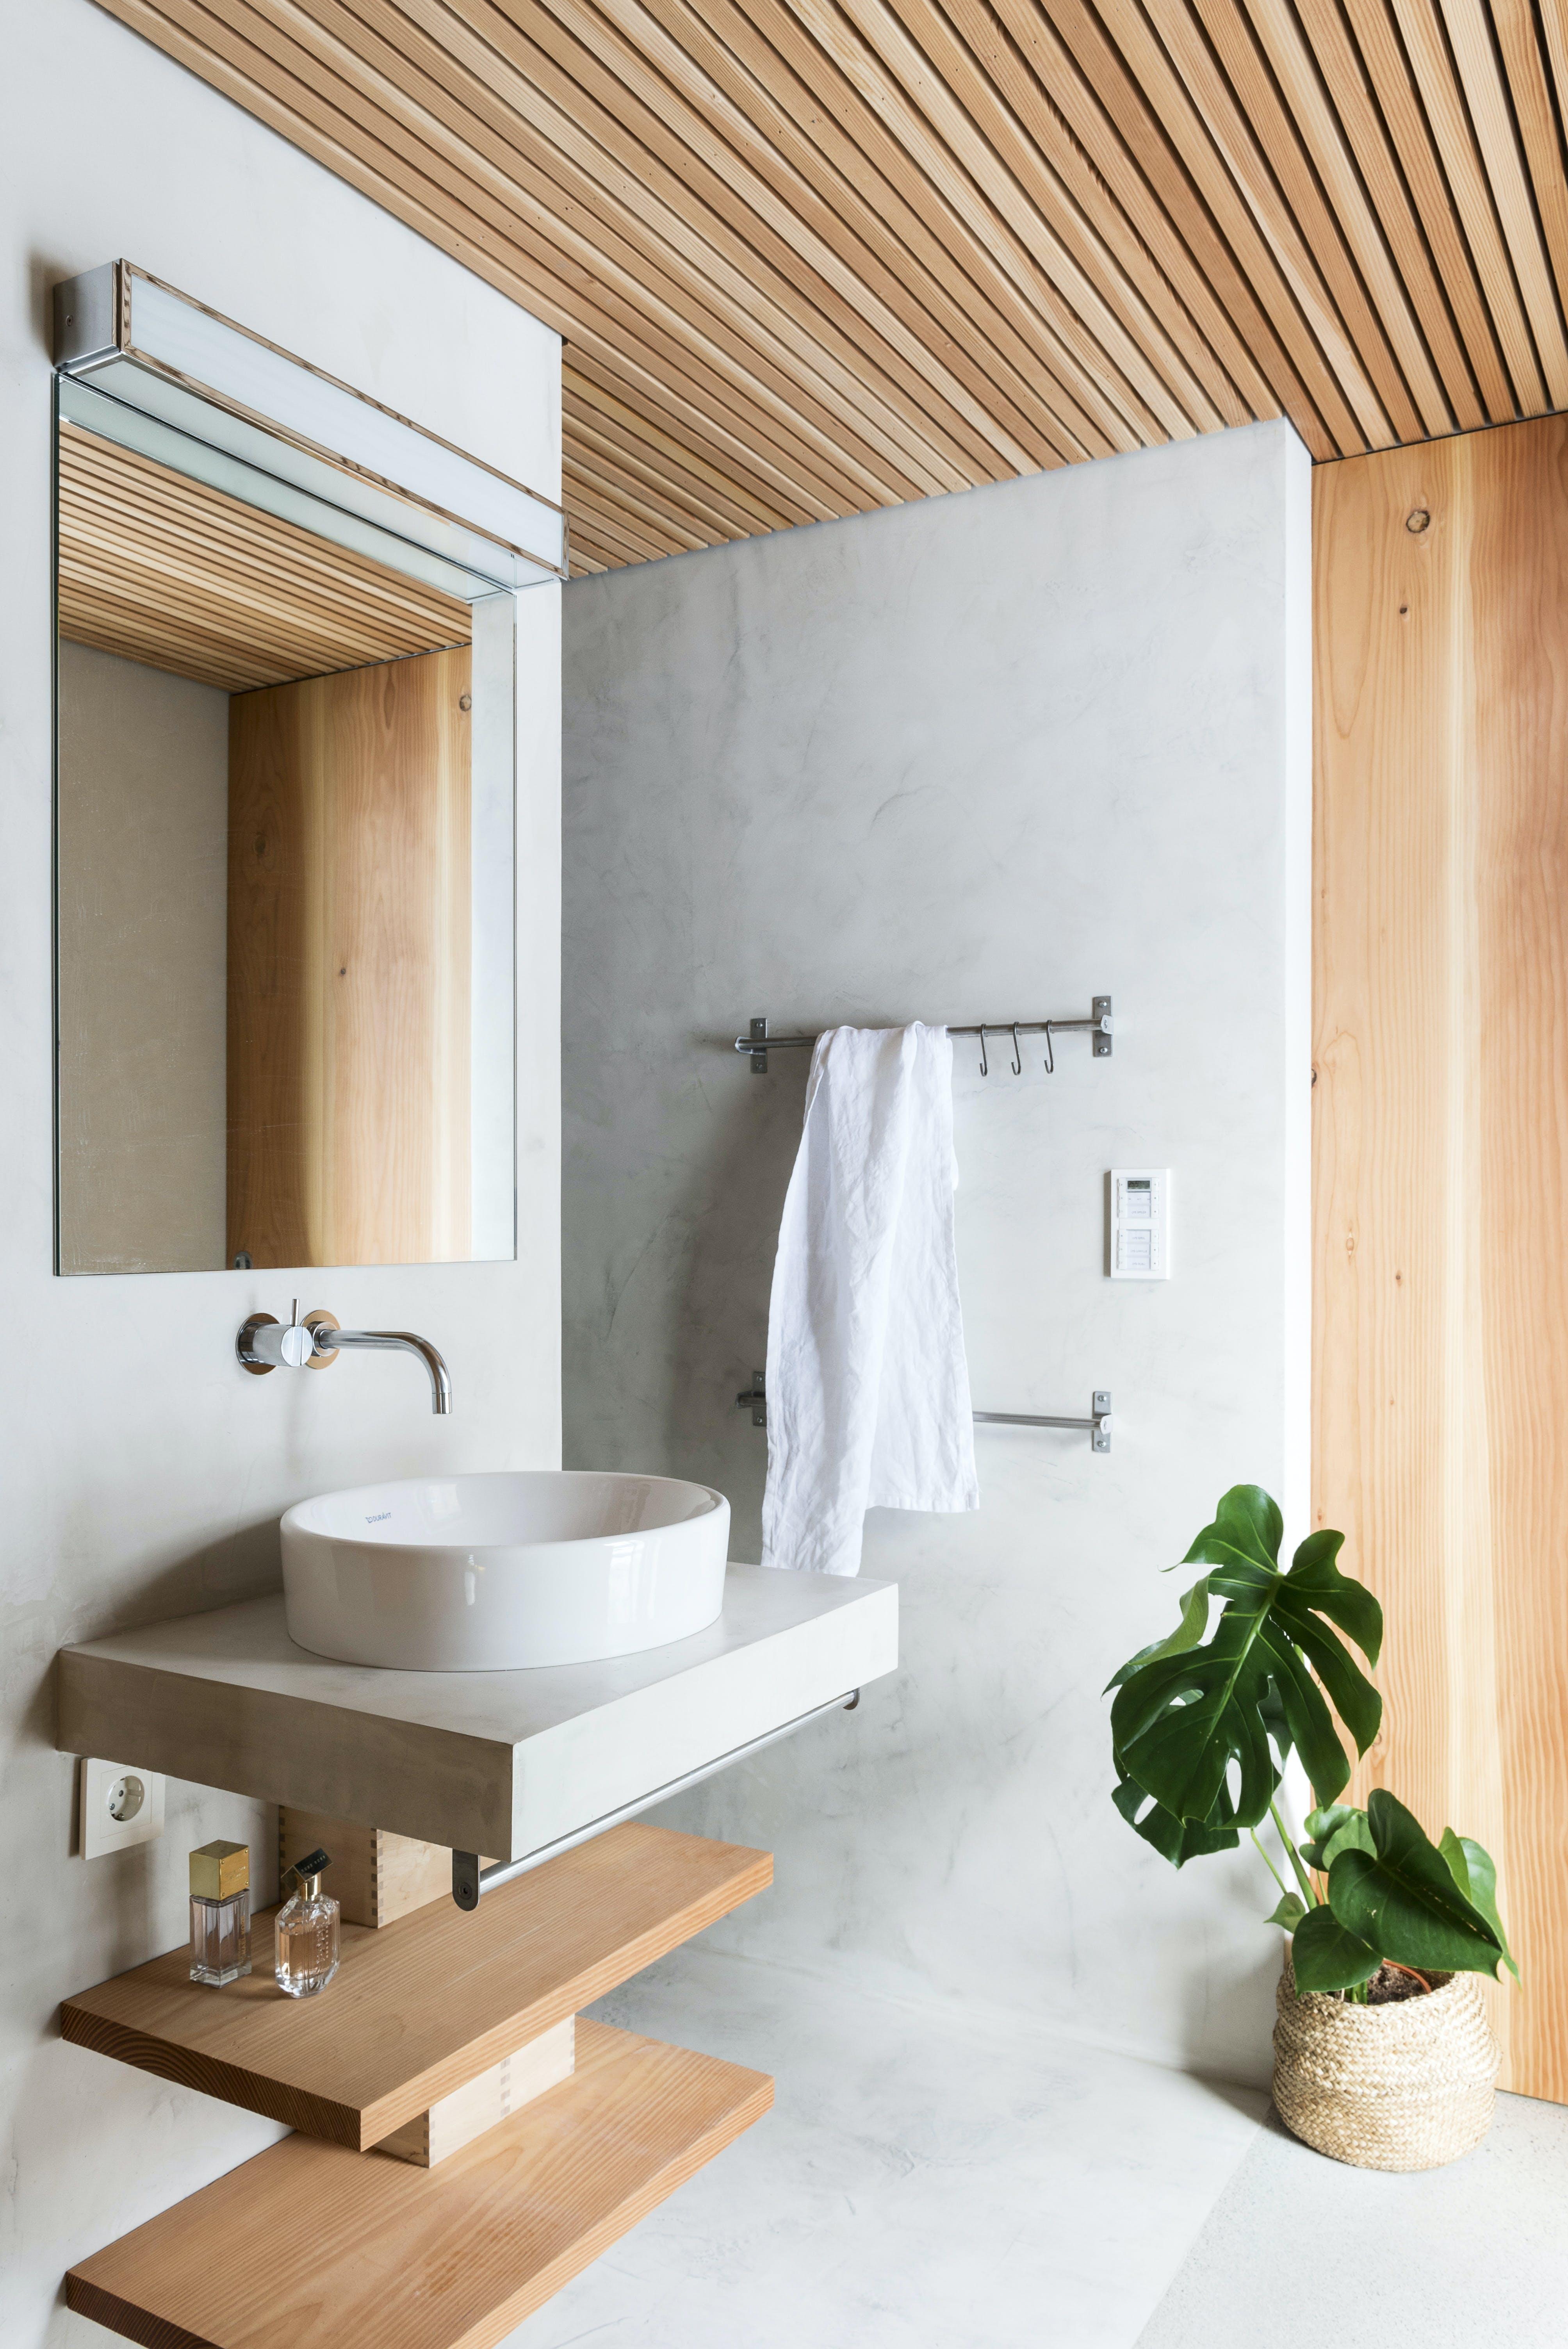 badeværelse håndvask træ